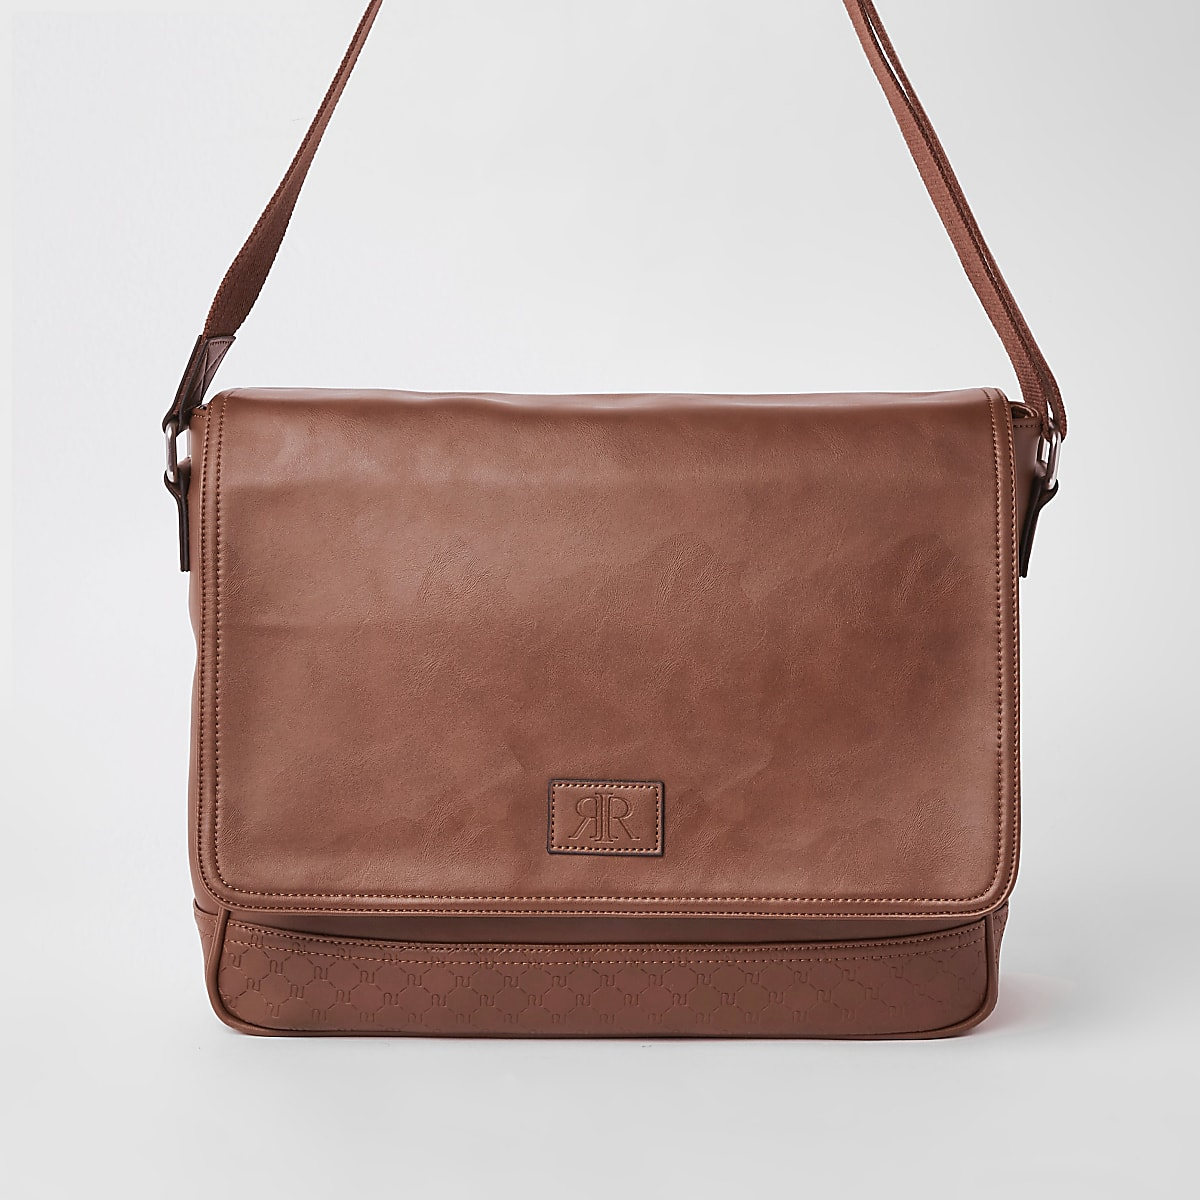 Brown RI monogram flapover satchel bag